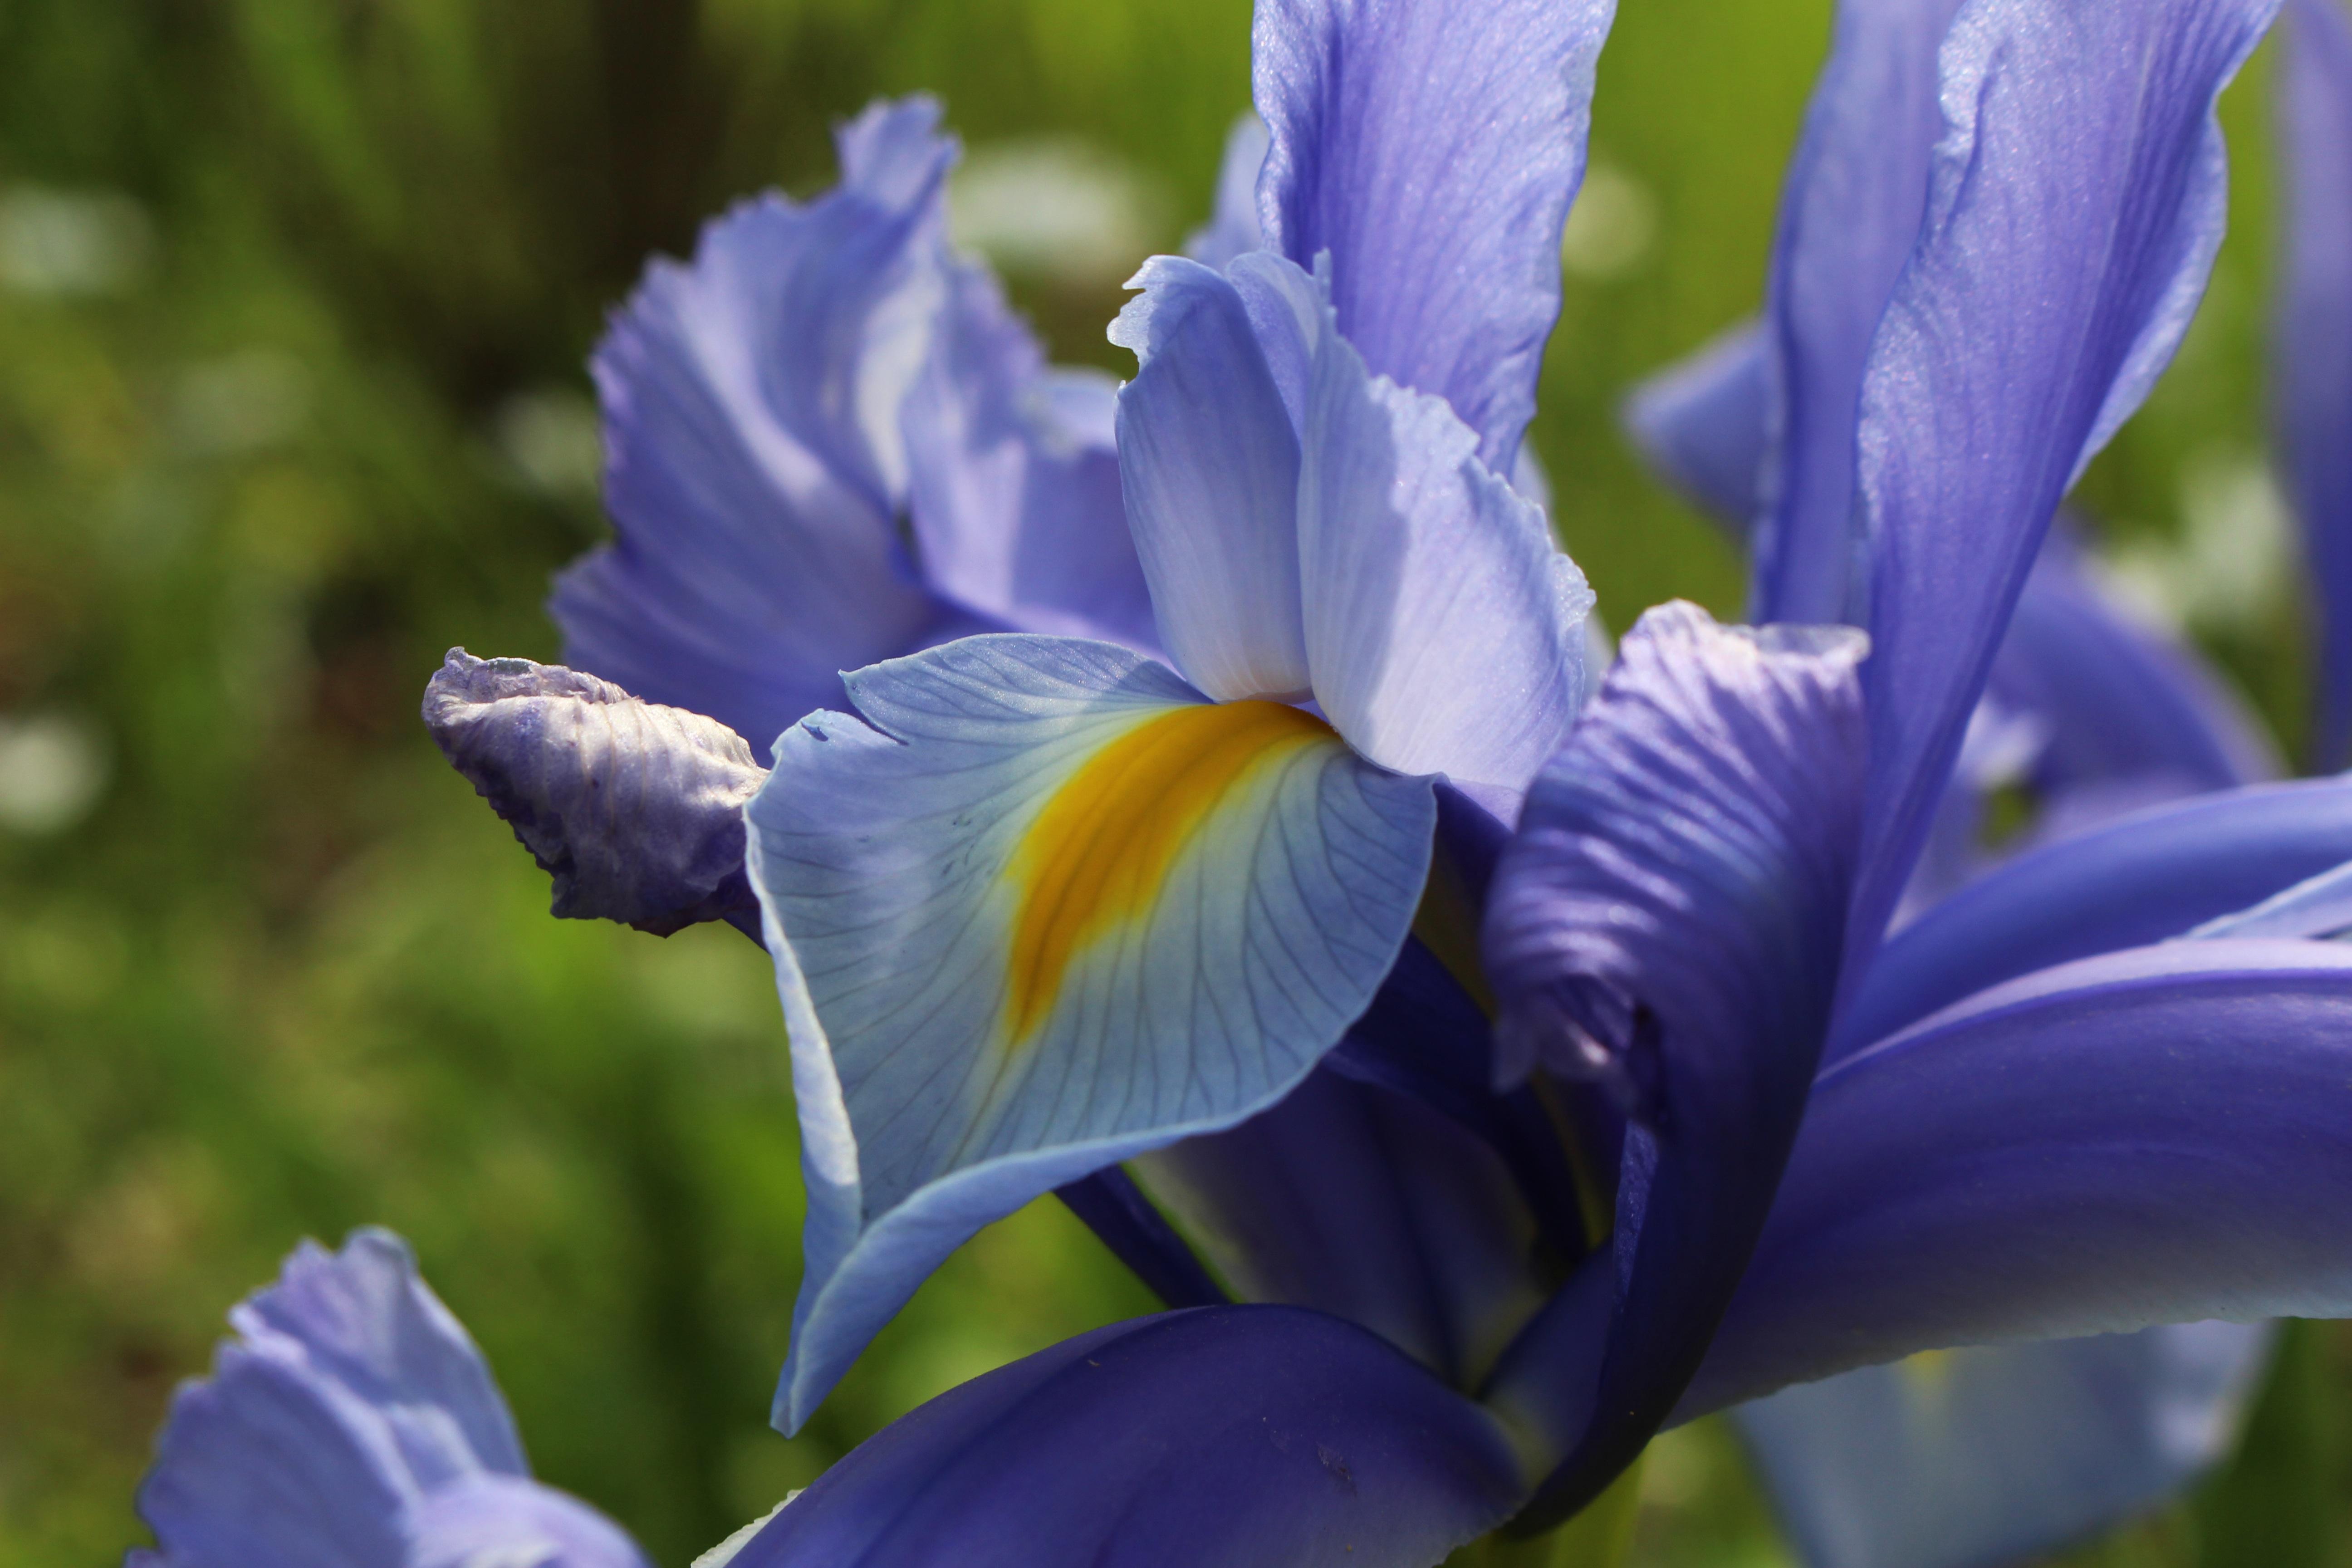 Free Images Petal Bloom Flora Blue Flower Background Eye